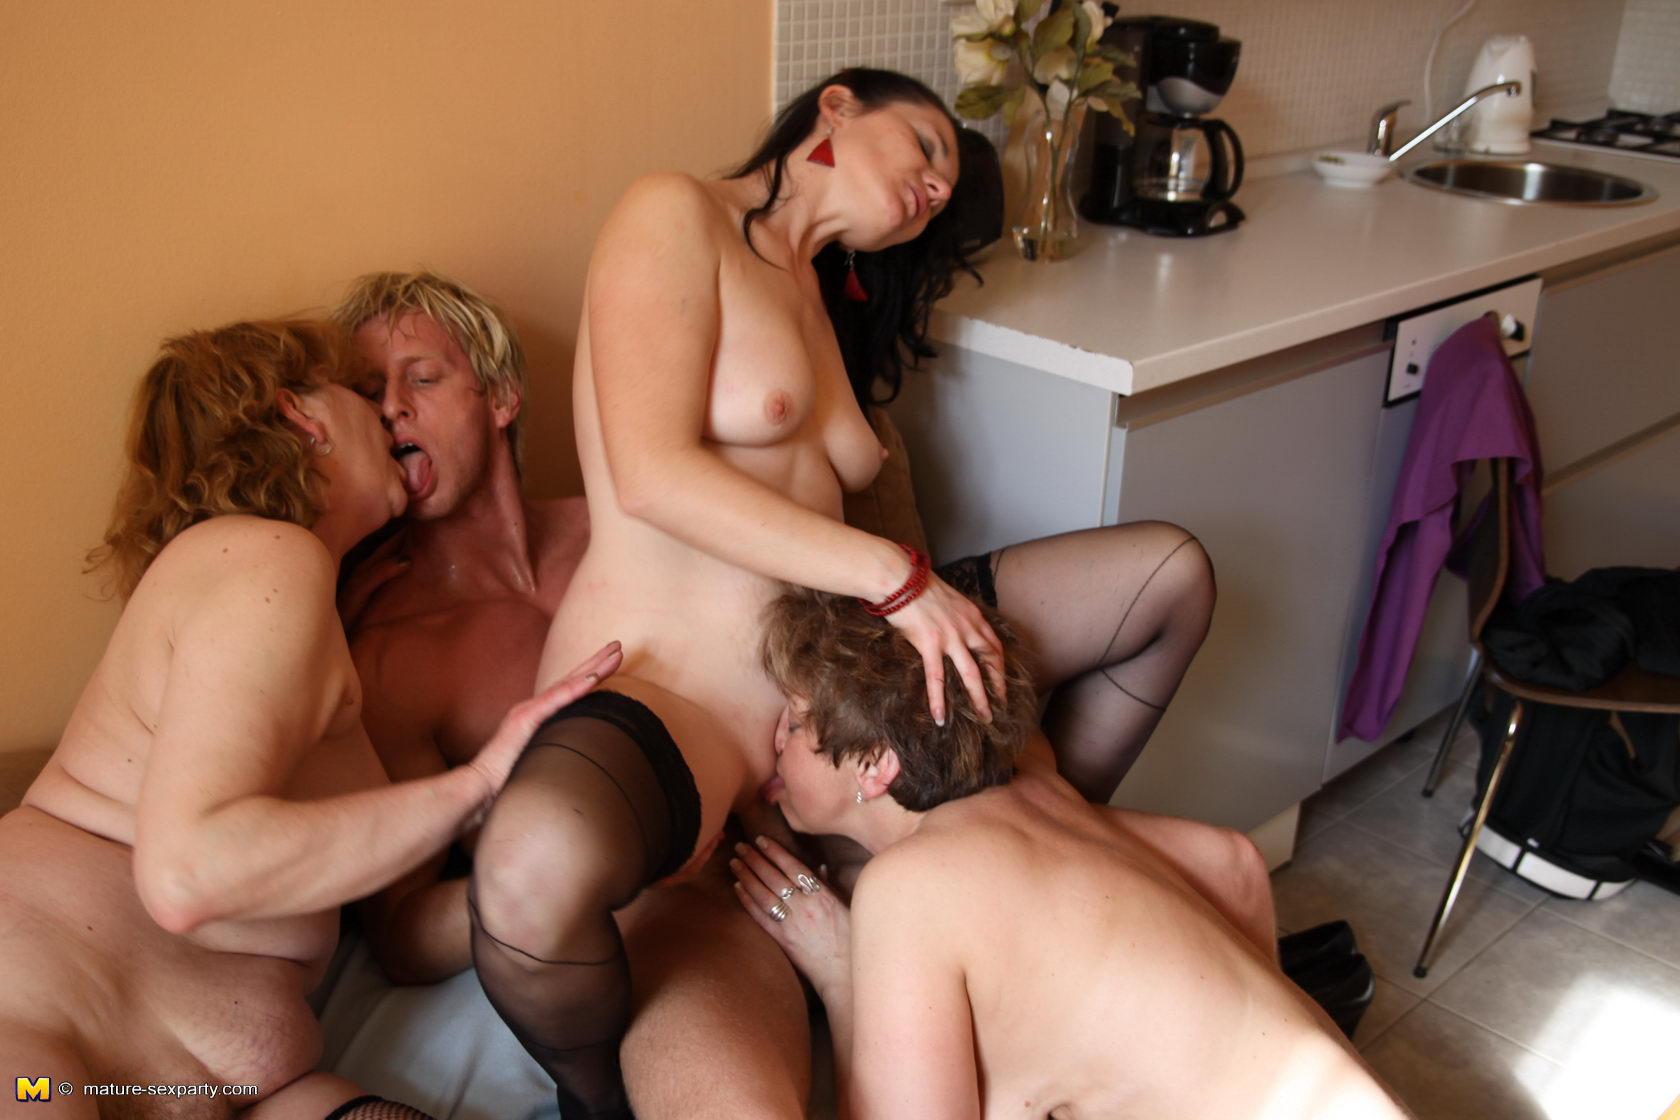 Смотреть онлайн секс зрелых женщин с молодыми парнями 24 фотография